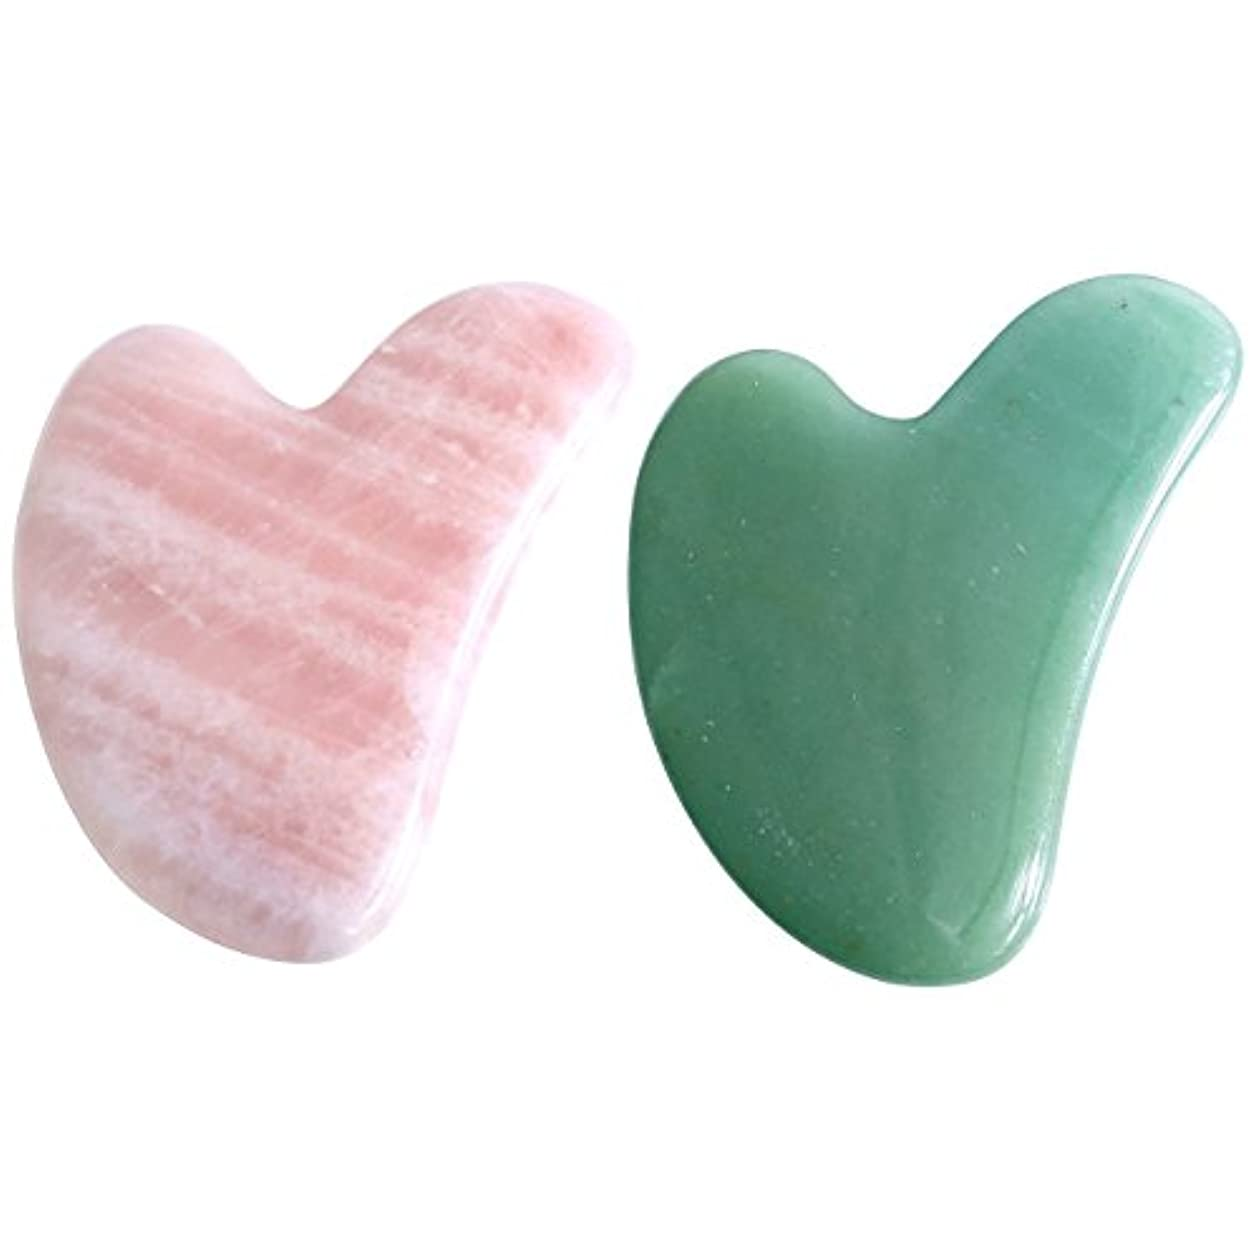 フレキシブル作ります兵士2点セット2pcsFace / Body Massage rose quartz/ Adventurine heart shape Gua Sha 心臓の/ハート形状かっさプレート 天然石ローズクォーツ 翡翠,顔?ボディ...